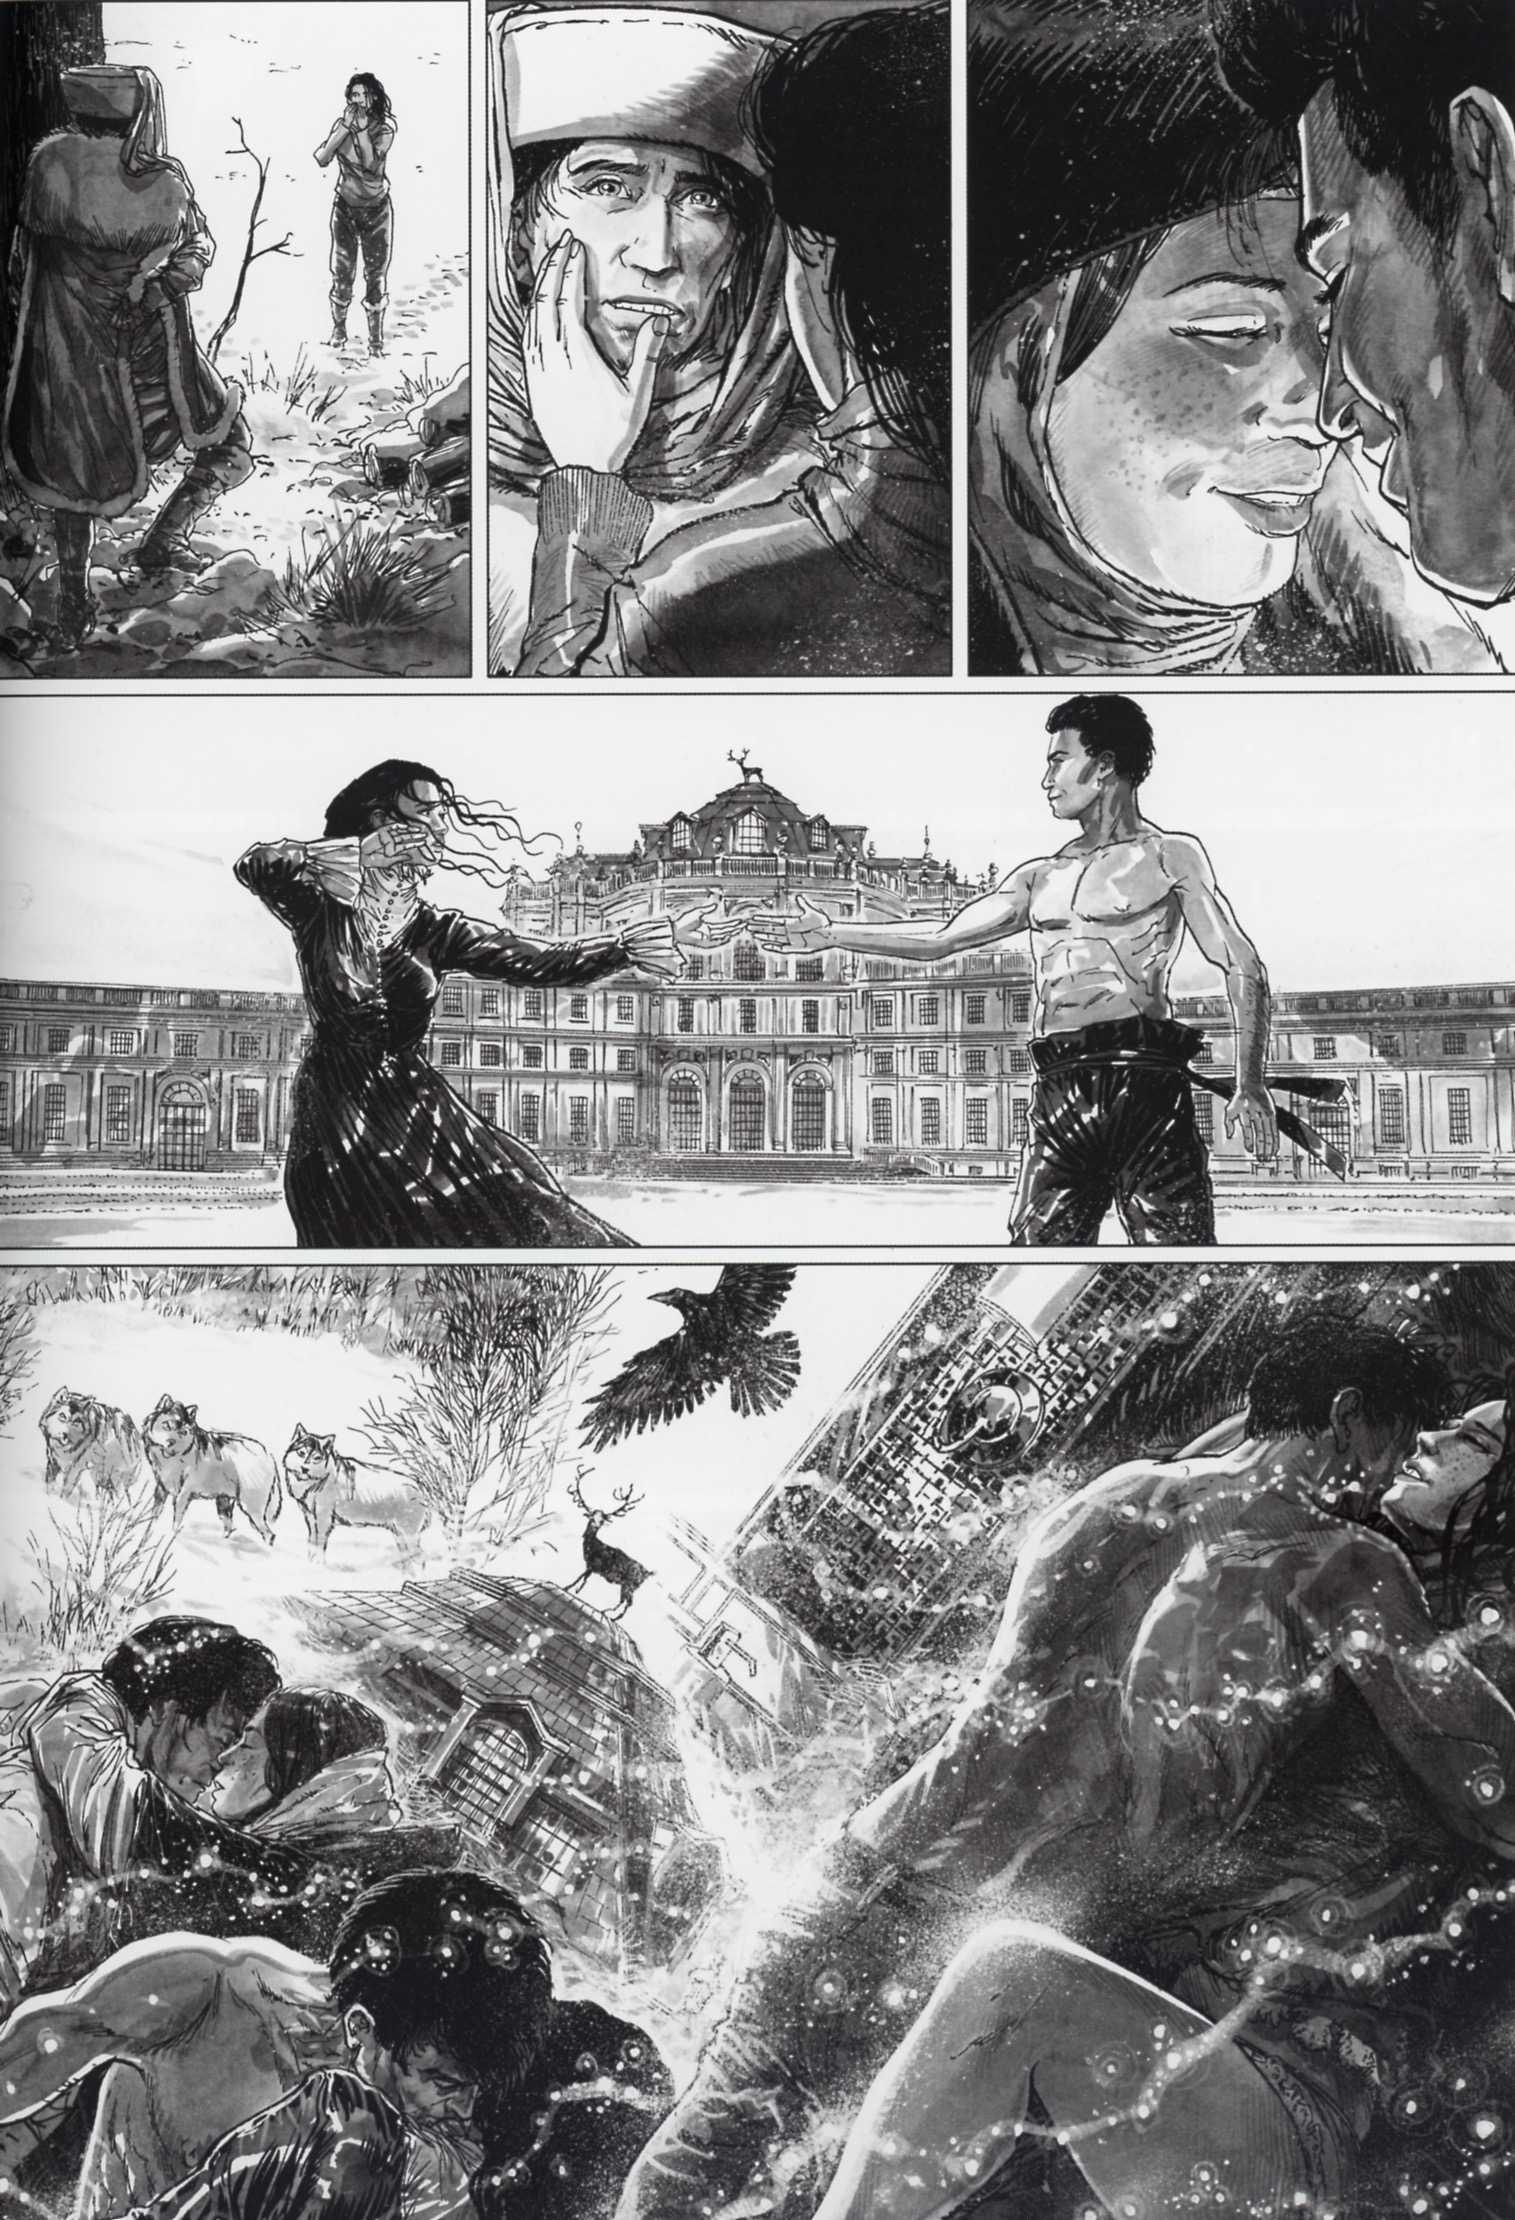 """Résultat de recherche d'images pour """"le suaire bd"""""""